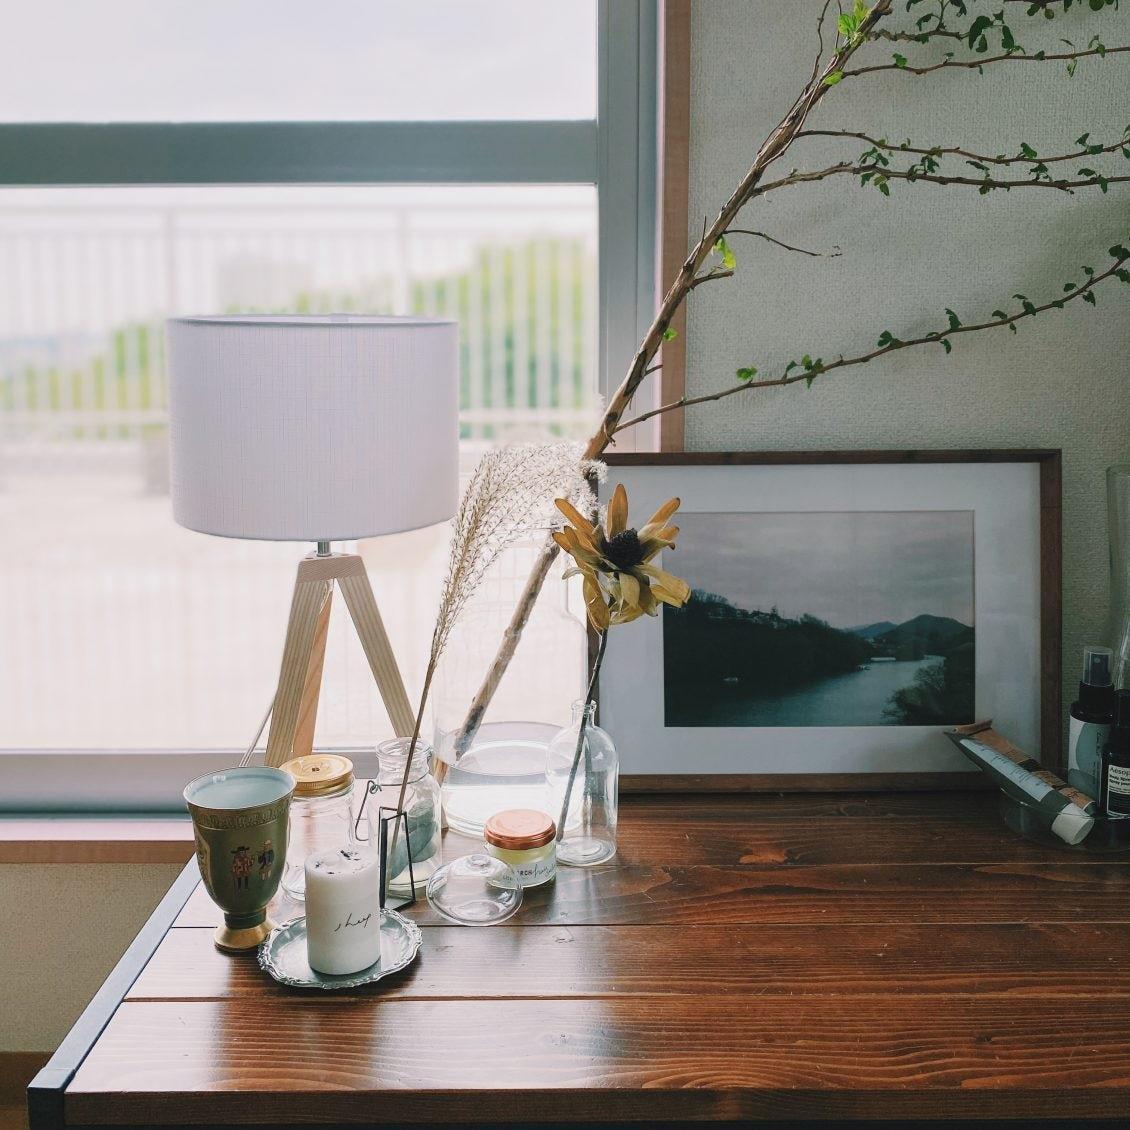 【スタッフの愛用品】気づけば部屋中で大活躍。間接照明の初心者も取り入れやすい「スタンドライト」